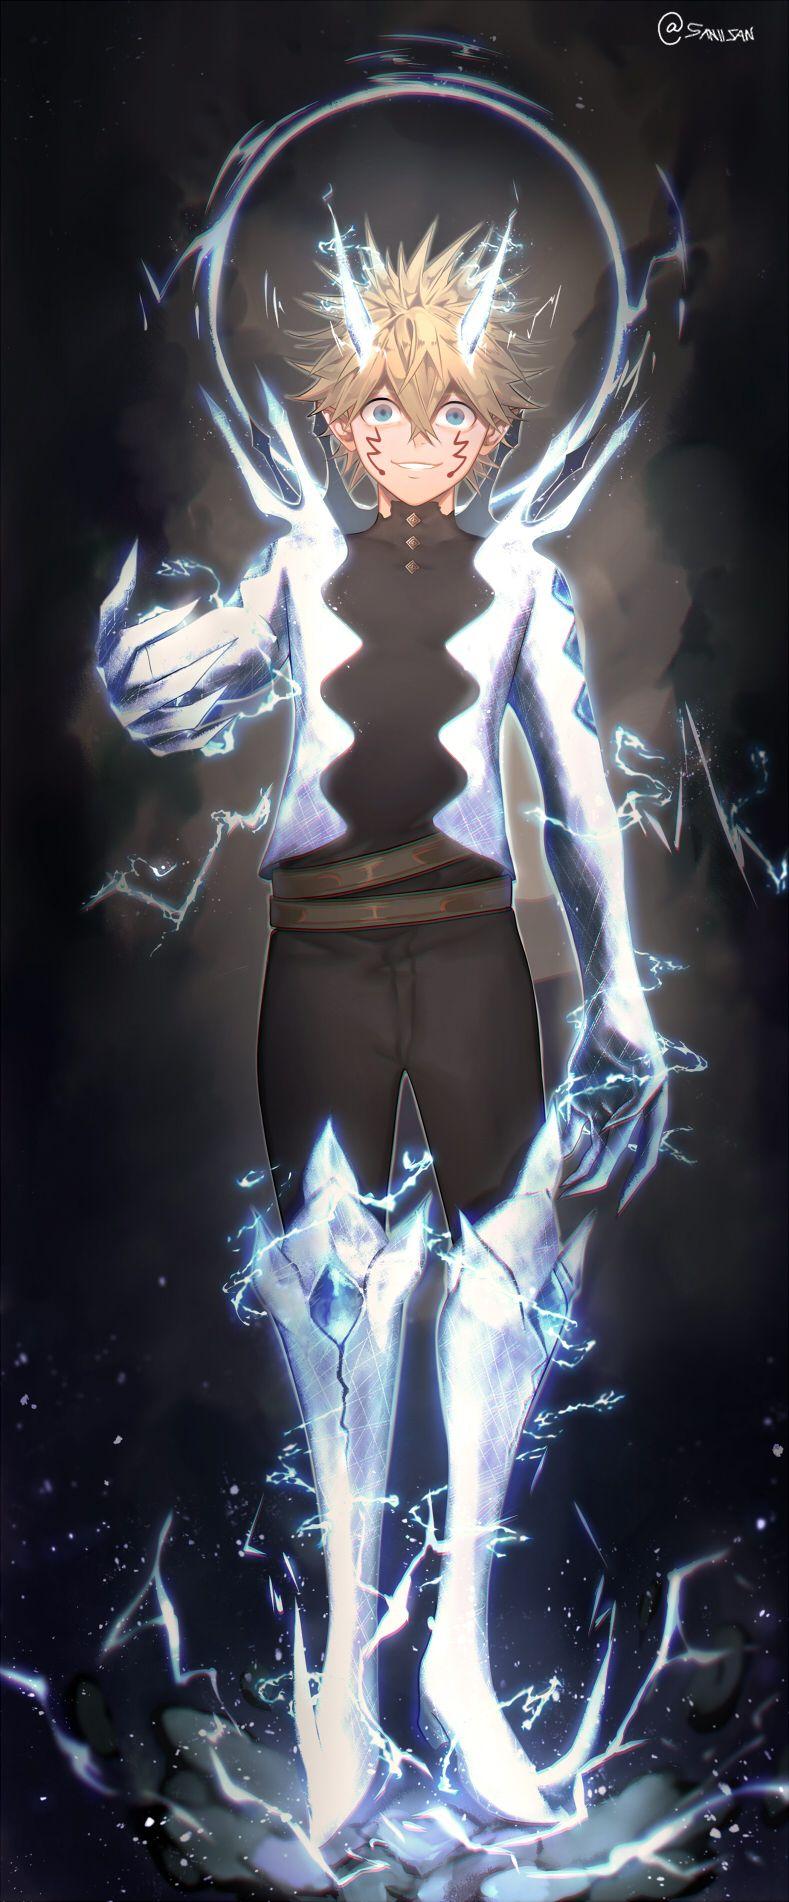 Luck Voltia Black Clover In 2020 Black Clover Anime Black Clover Manga Anime Wallpaper